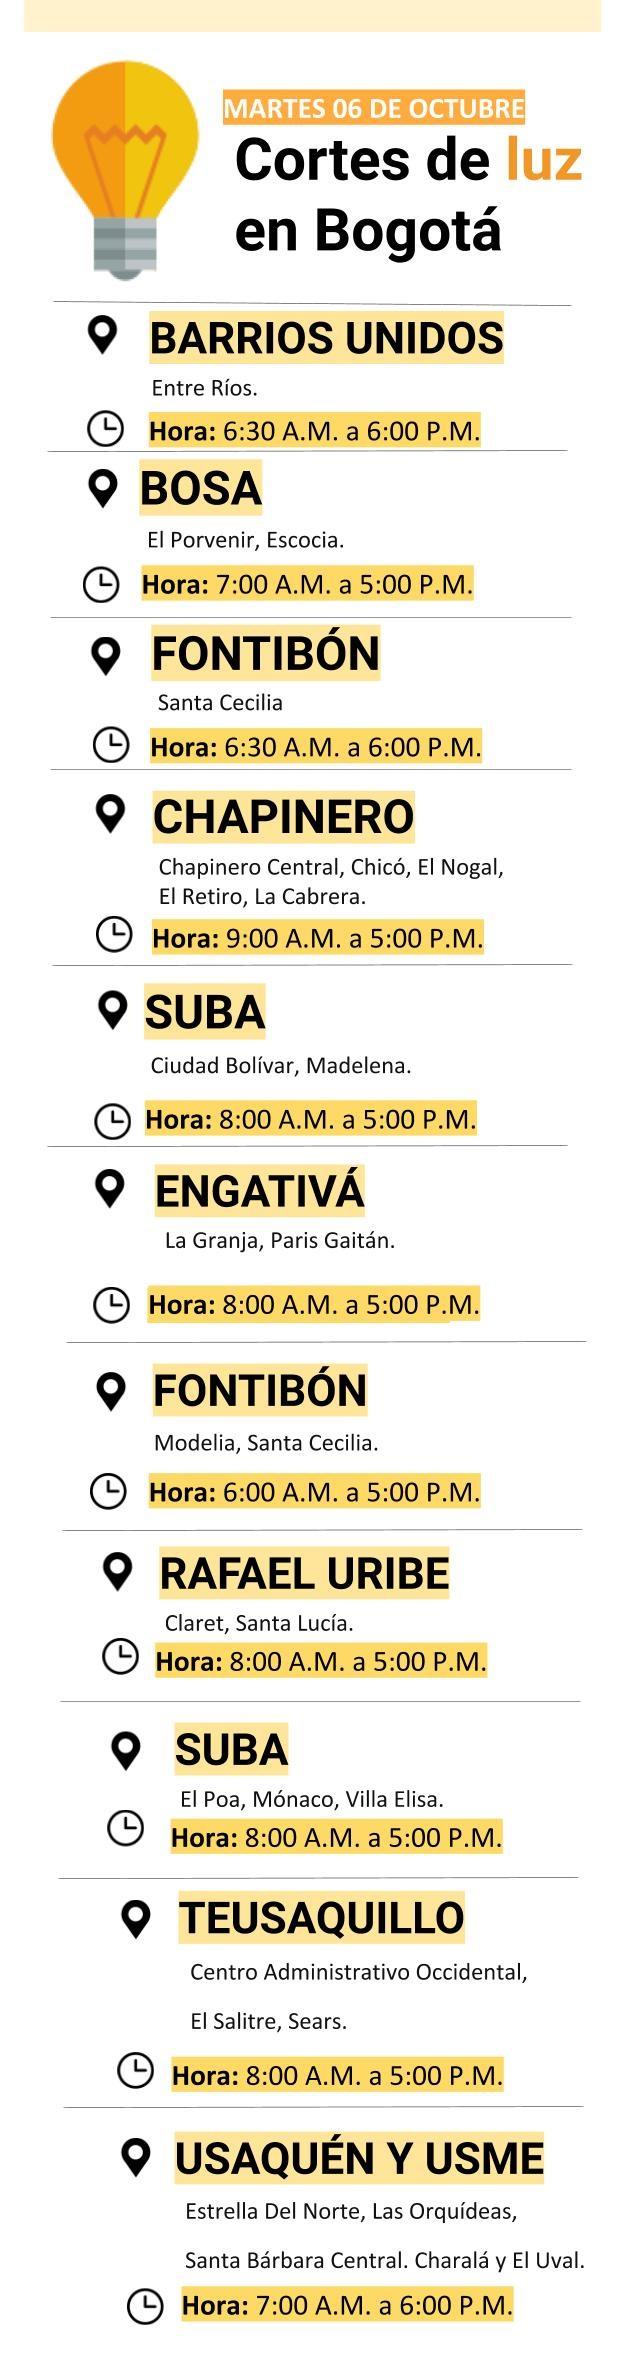 Cortes de luz para el martes 6 de octubre en Bogotá